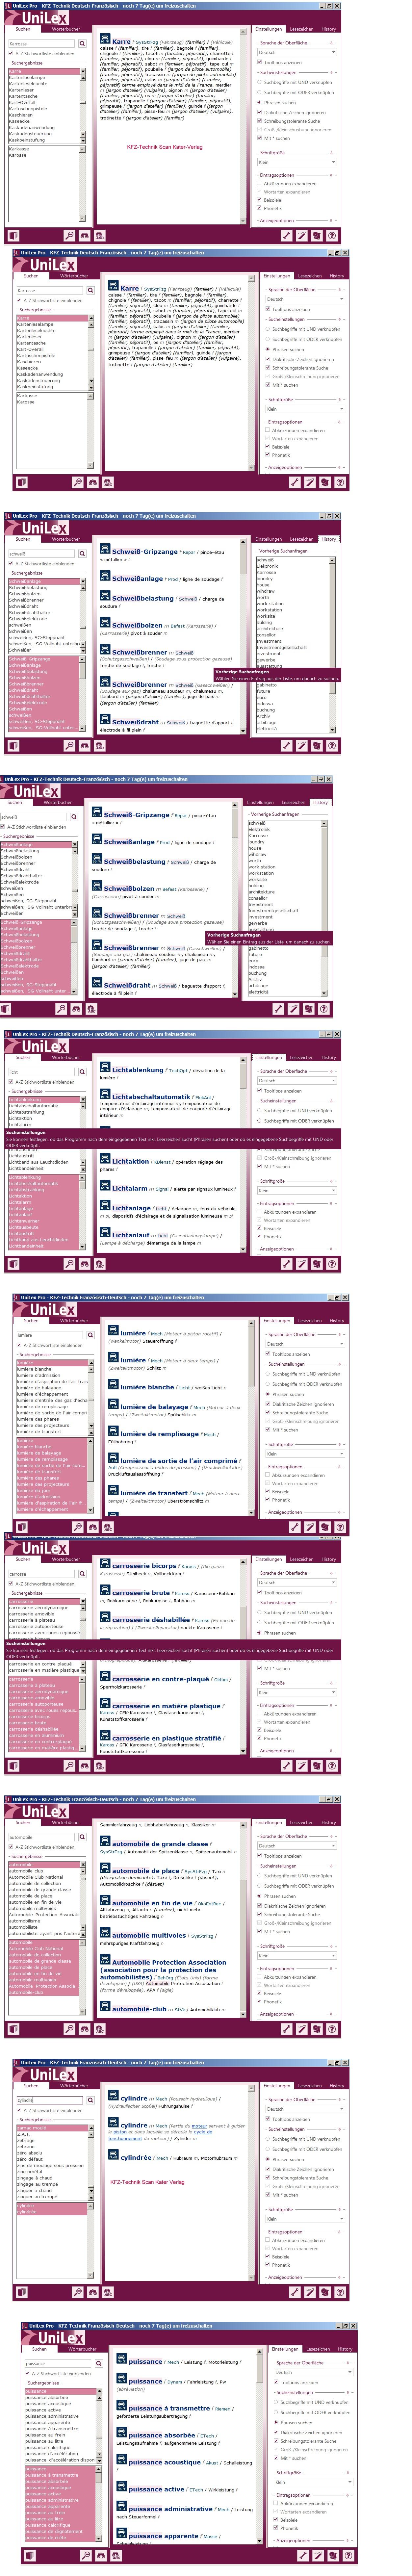 Dalla-Zuanna: Fachwörterbuch Kraftfahrzeugtechnik Französisch DE-FR, FR-DE DOWNLOAD